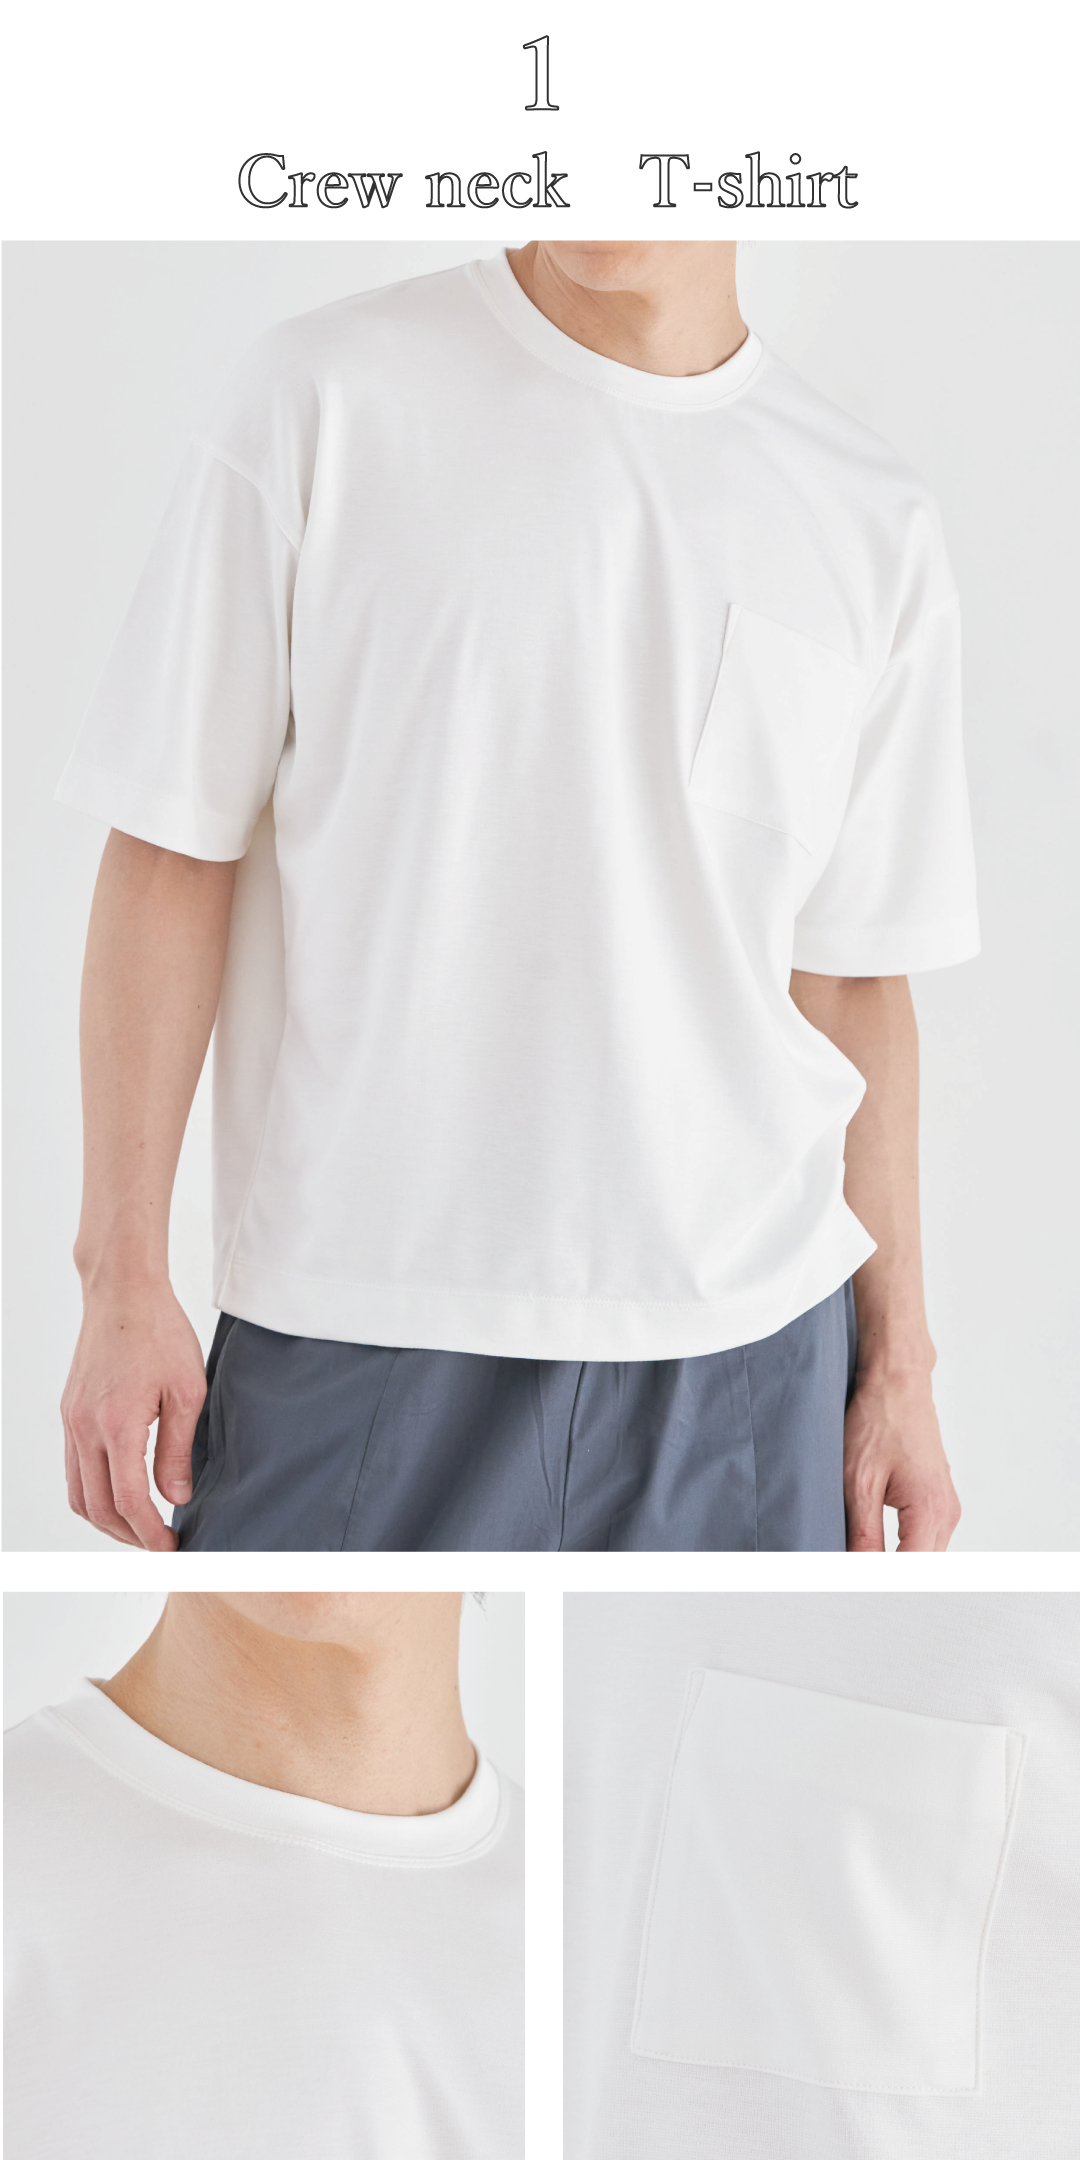 デラヴィスポンチ 毛玉 型崩れ 防止 クルーネック 白Tシャツ